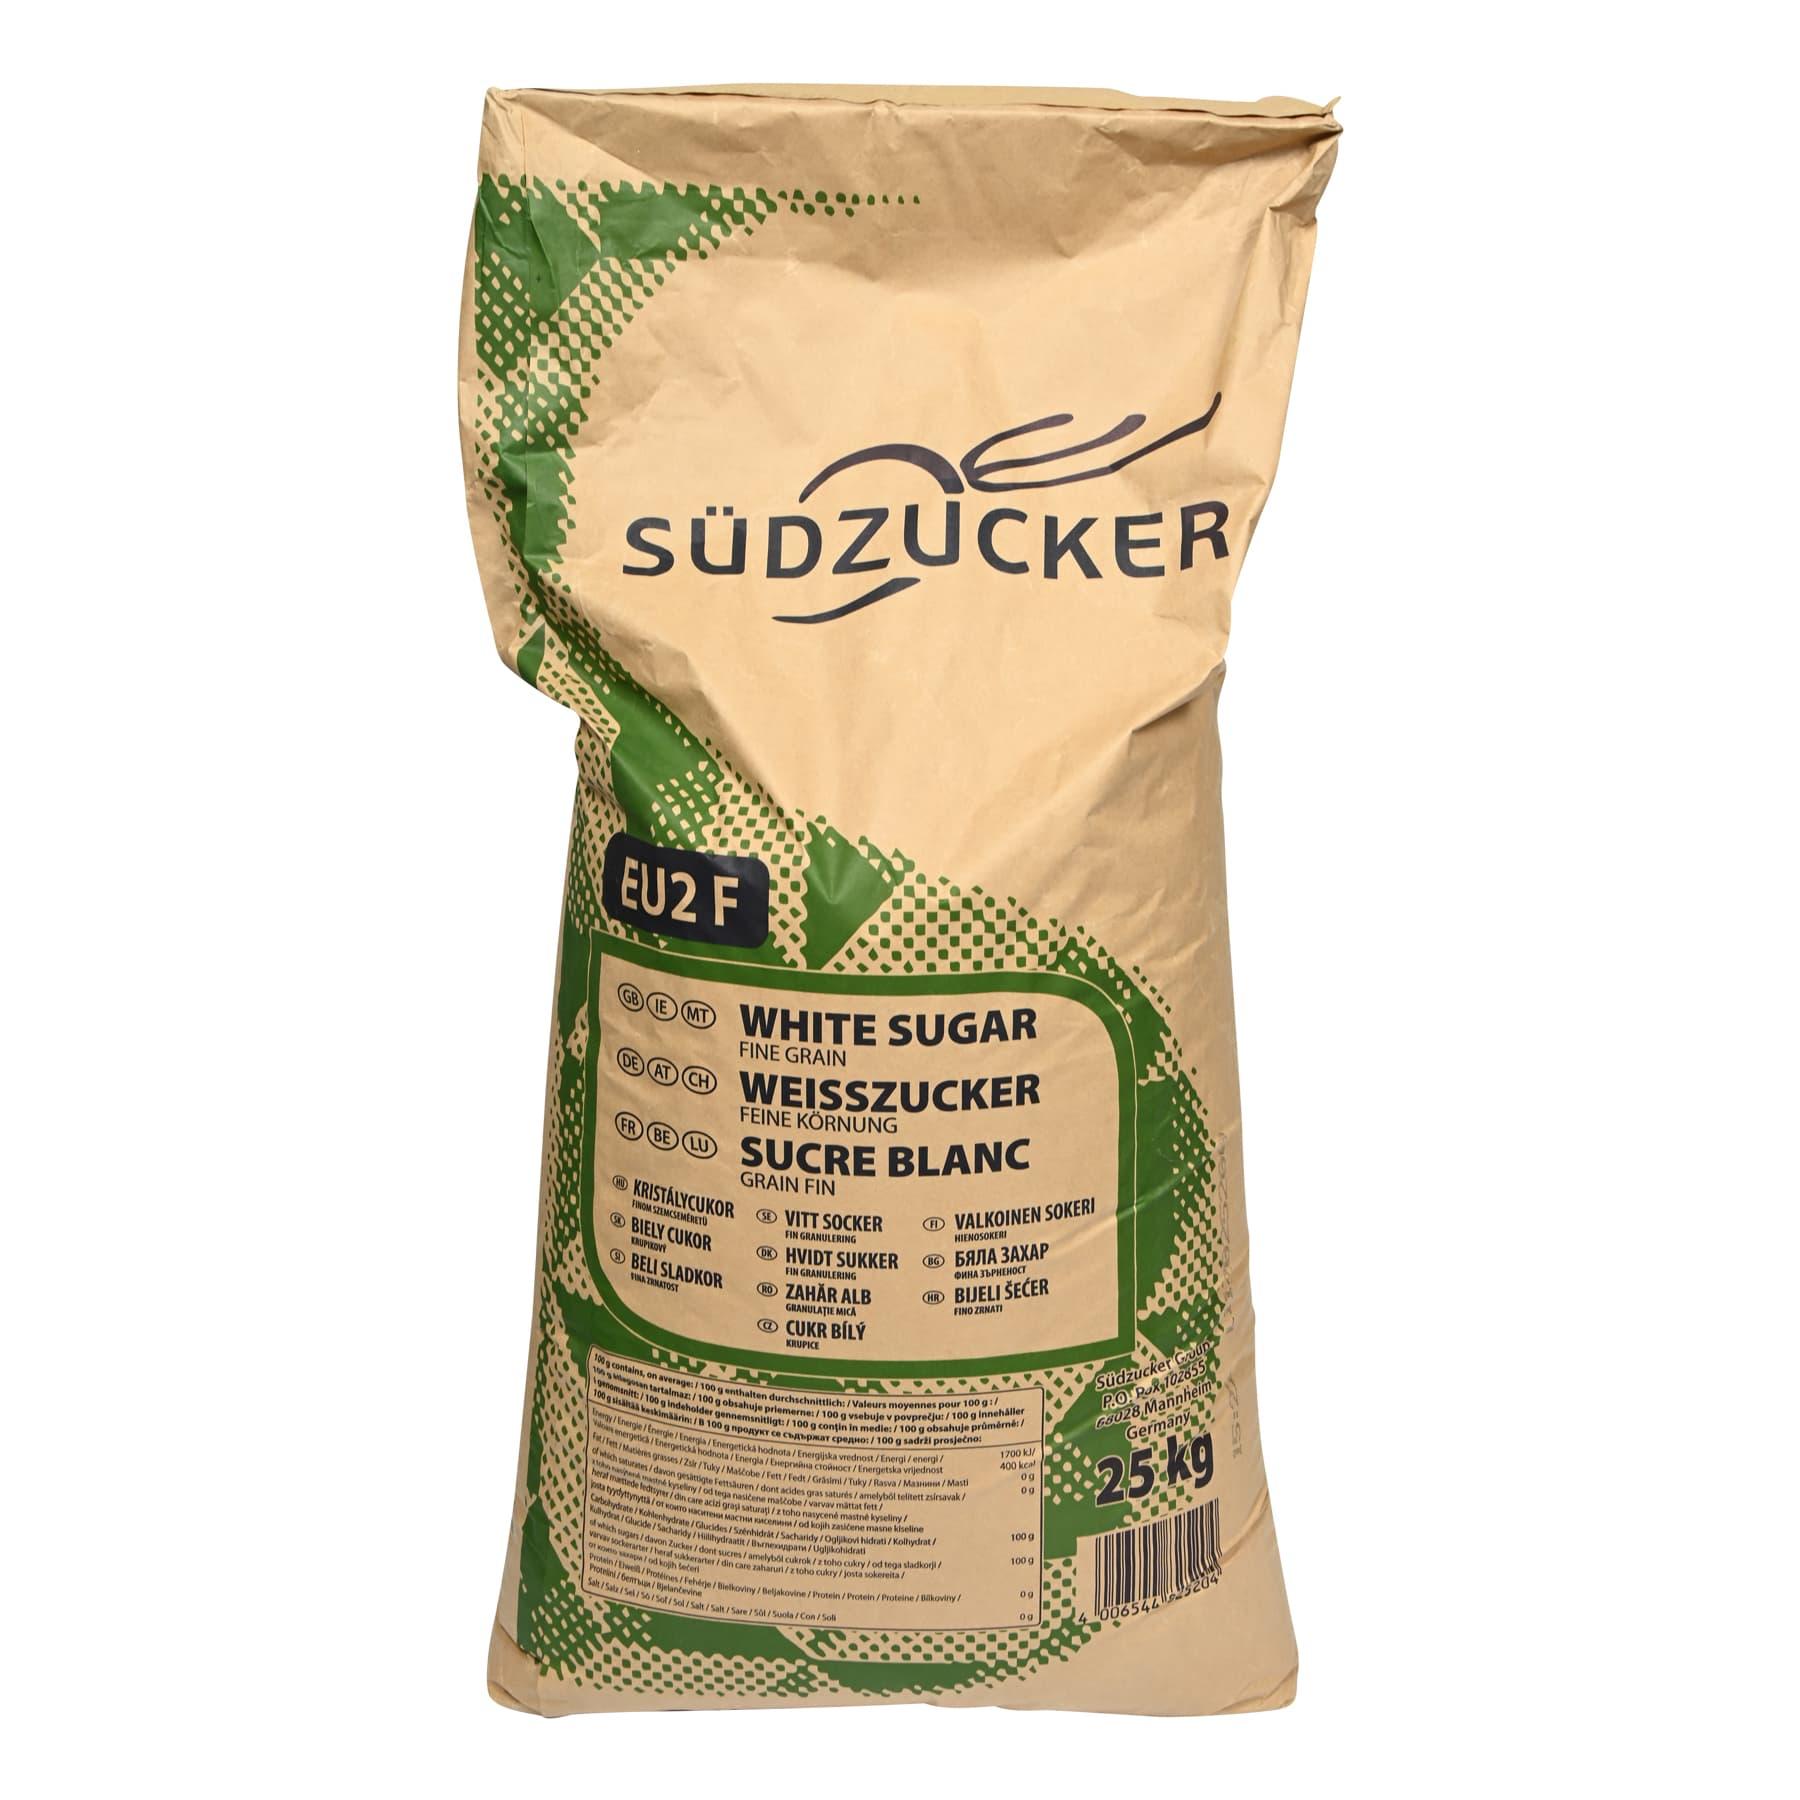 25 kg Kristallzucker (Lebensmittel auch für den menschlichen Verzehr)  im  Sack, Preis je Sack